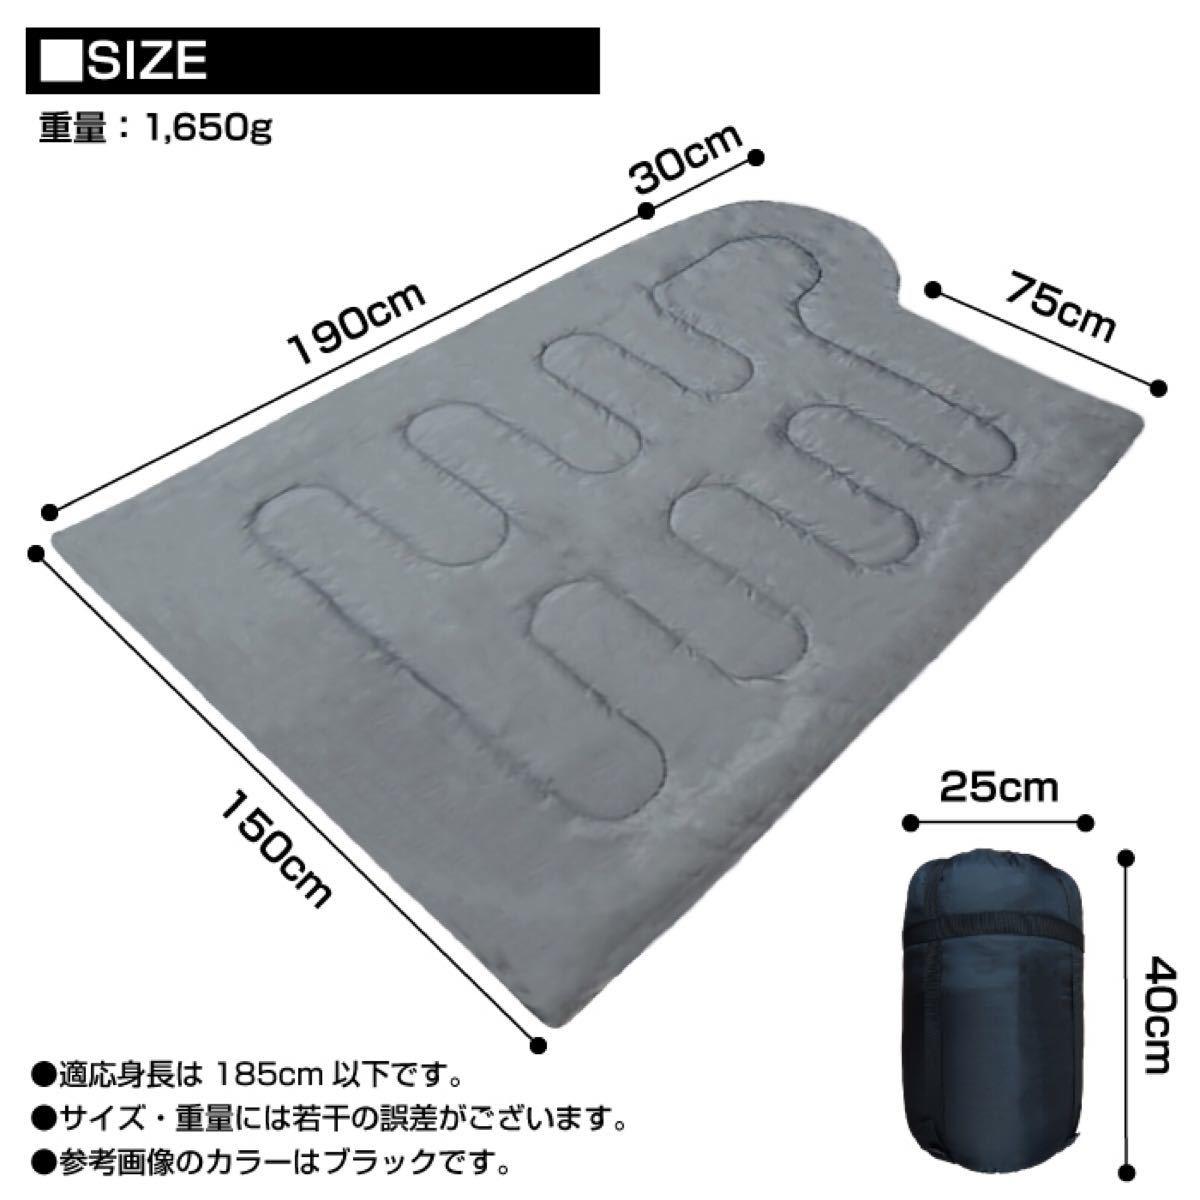 ★新品★ 寝袋 シュラフ -15℃ 封筒型 キャンプ 車中泊 マット レッド